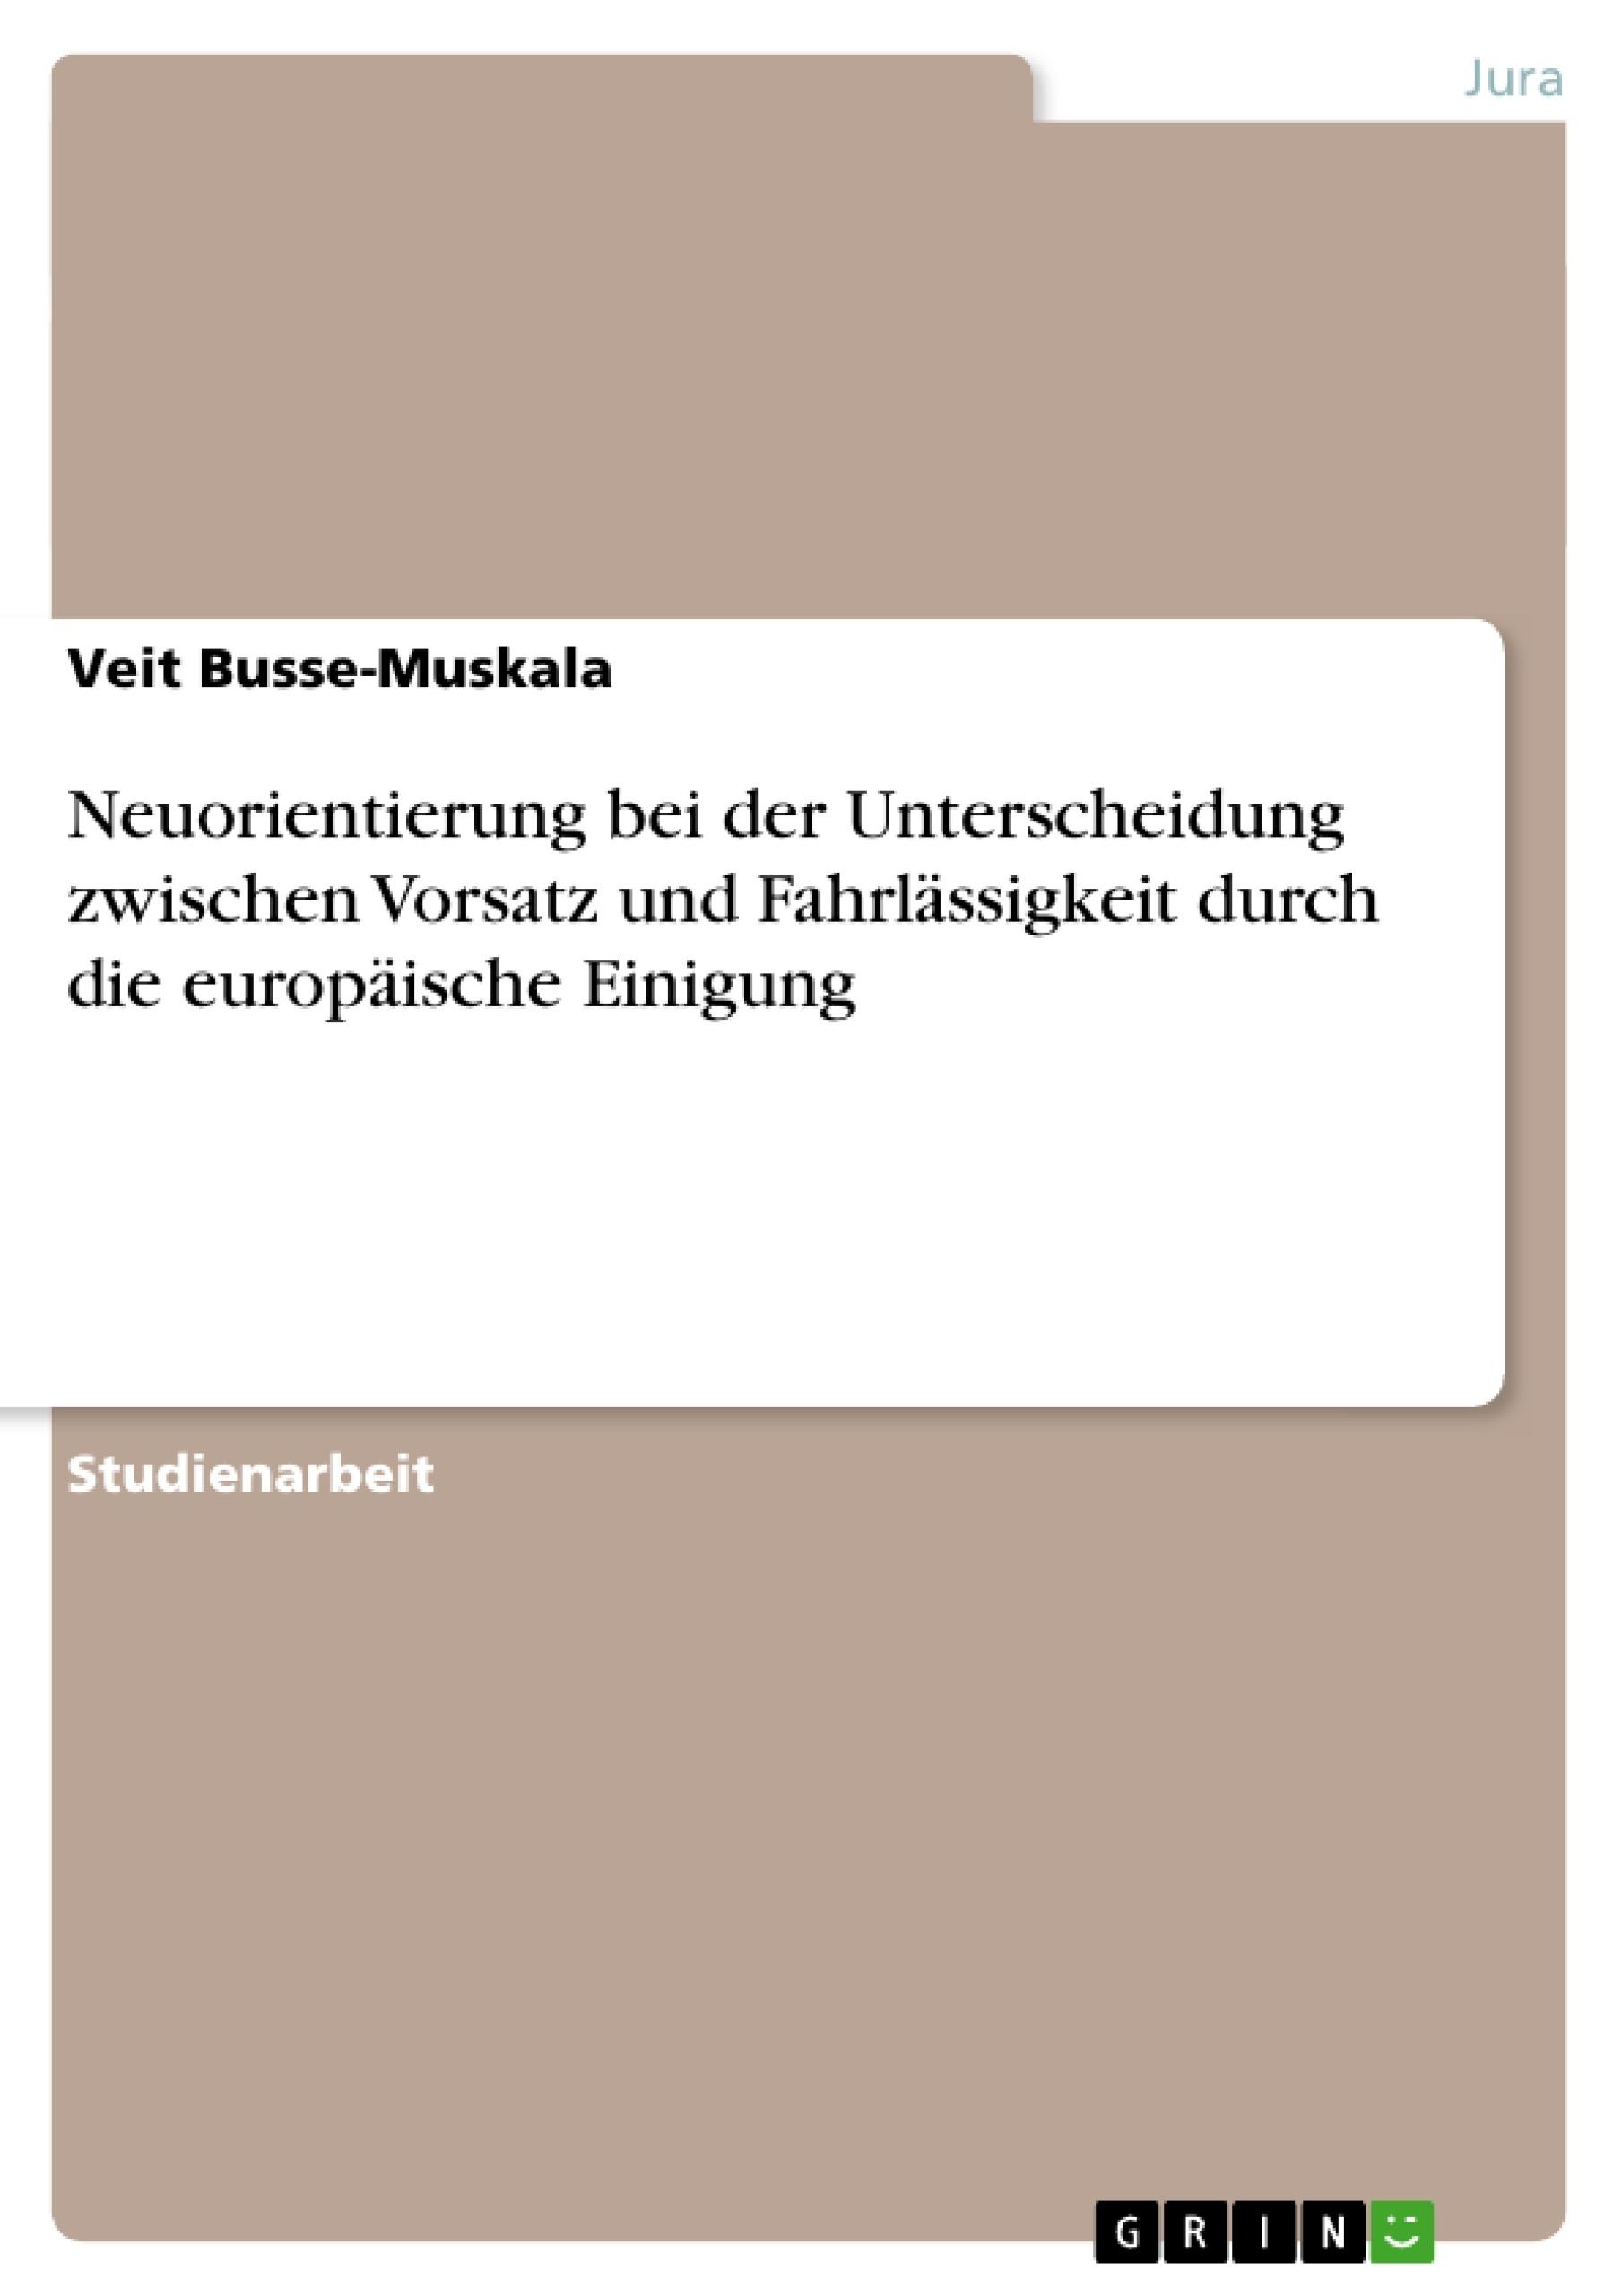 Titel: Neuorientierung bei der Unterscheidung zwischen Vorsatz und Fahrlässigkeit durch die europäische Einigung